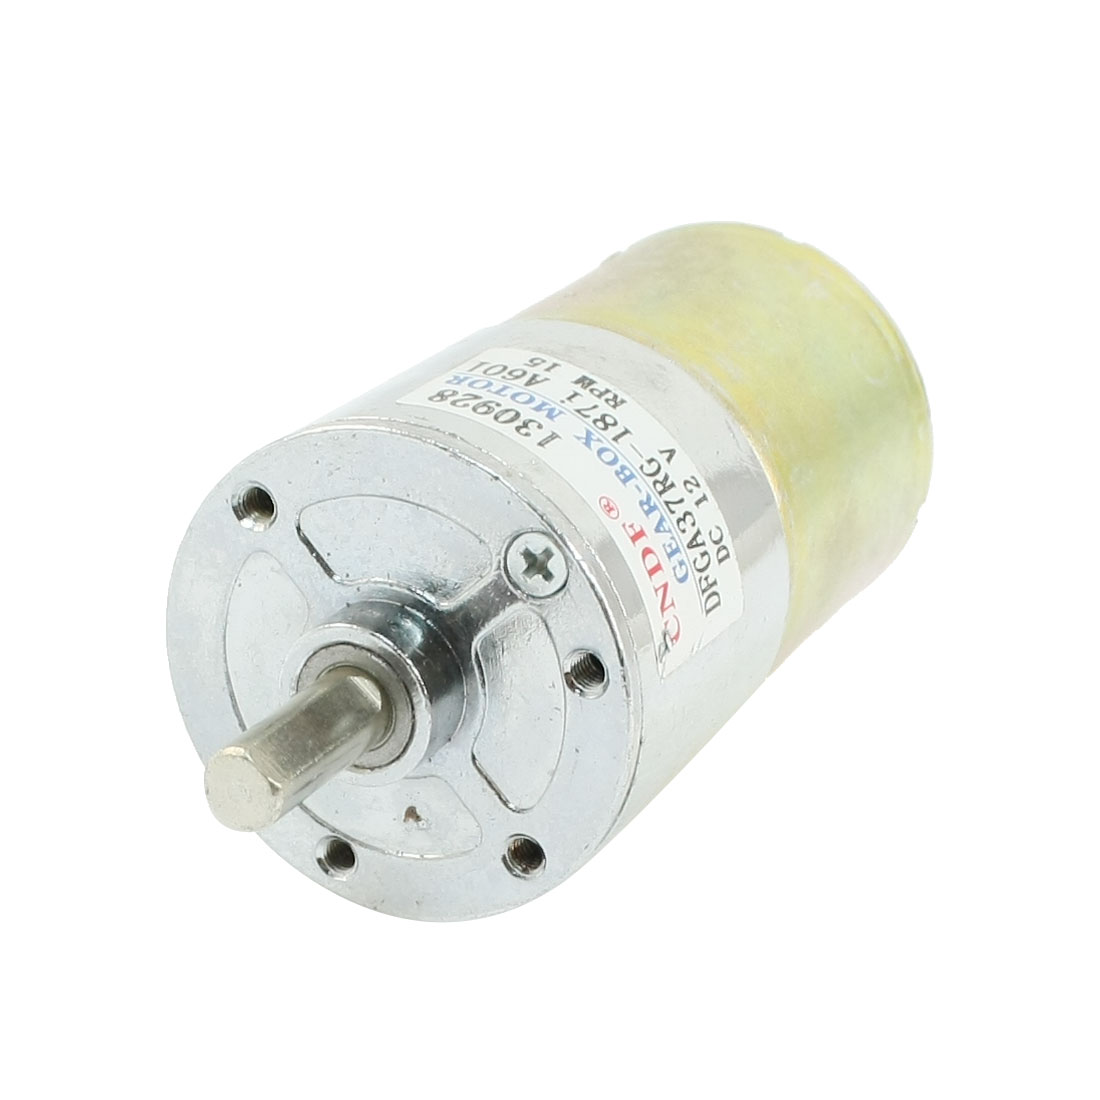 DFGA37RG-187i Cylinder Shape DC 12V Speed 15 RPM Geared Motor